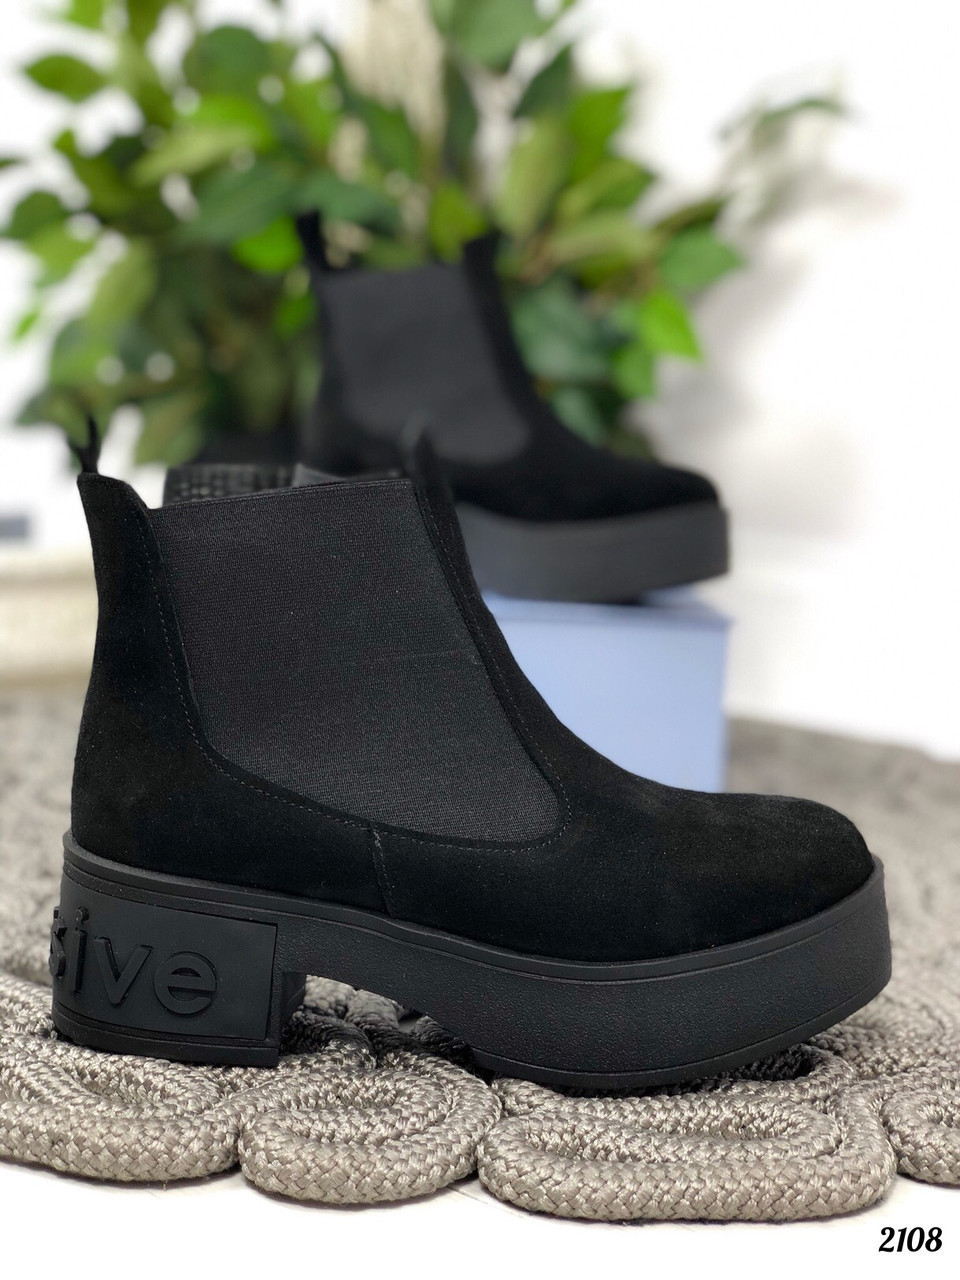 39 р. Ботинки женские деми черные замшевые на среднем каблуке, демисезонные, из натуральной замши, замша